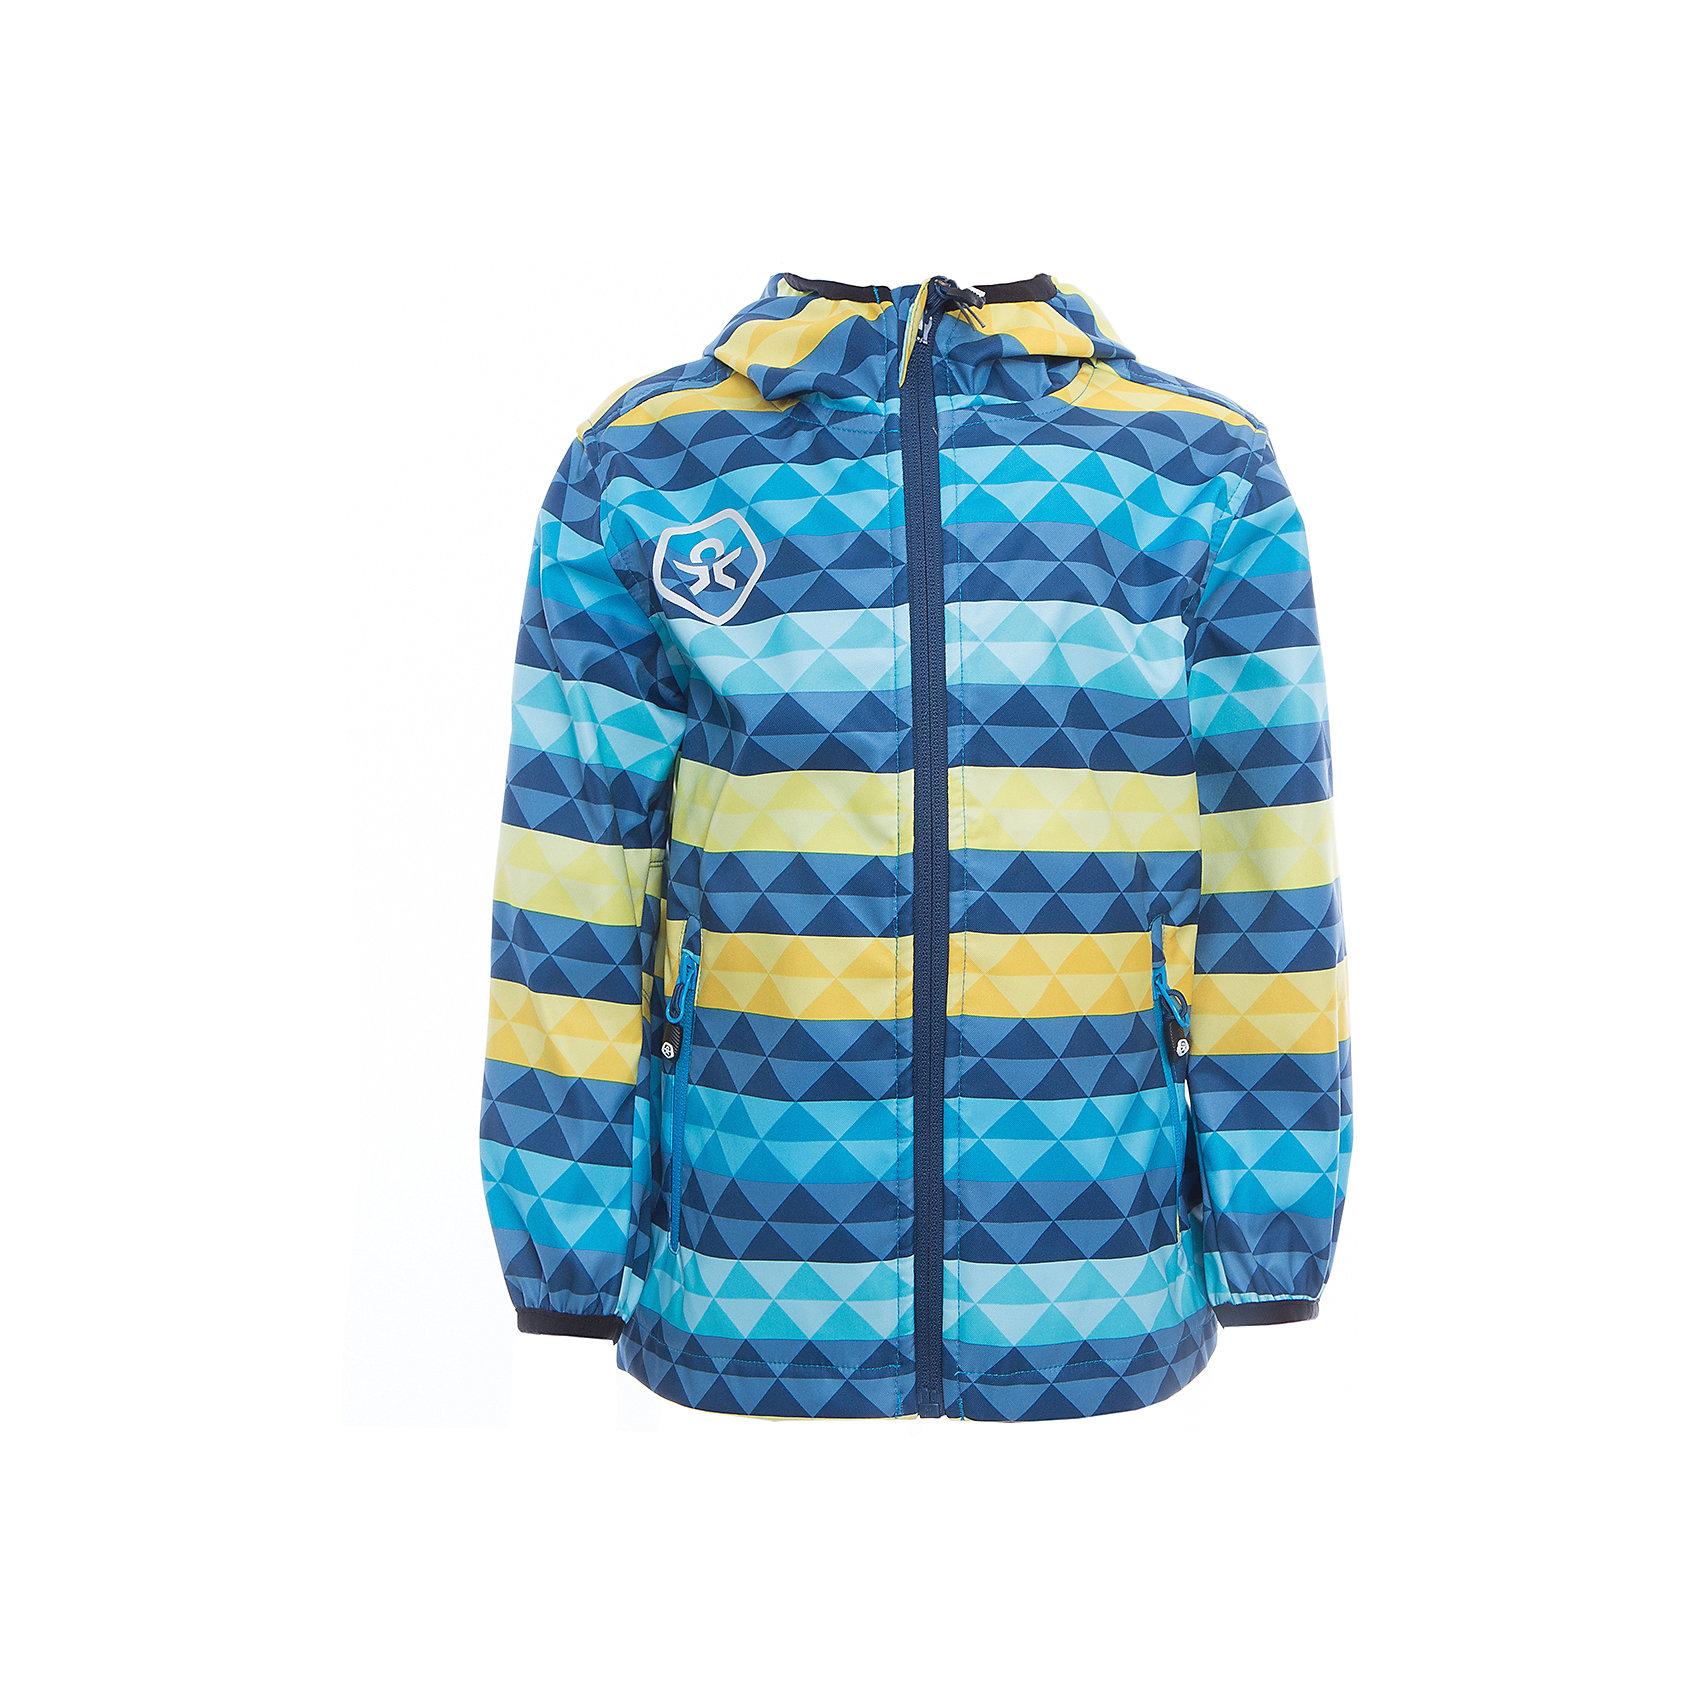 Куртка для мальчика Color KidsВерхняя одежда<br>Характеристики товара:<br><br>• цвет: голубой<br>• состав: 100 % полиэстер, softshell клееный с интерлоком<br>• без подкладки (для Softshell она не нужна, внутренняя сторона этой ткани очень приятная на ощупь)<br>• без утеплителя<br>• температурный режим: от +10 С° до +20 С°<br>• мембранная технология<br>• водонепроницаемость: 8000 мм<br>• воздухопроницаемость: 3000 мм<br>• ветрозащитный<br>• проклеенные швы<br>• регулируемый низ куртки<br>• светоотражающие детали<br>• застежка: молния<br>• вшитый капюшон с оторочкой кантом<br>• защита подбородка<br>• два кармана на молнии<br>• логотип<br>• страна бренда: Дания<br><br>Эта симпатичная и удобная куртка сделана из непромокаемого легкого материала, поэтому отлично подойдет для дождливой погоды в весенне-летний сезон. Она комфортно сидит и обеспечивает ребенку необходимое удобство. Очень стильно смотрится.<br><br>Куртку для мальчика от датского бренда Color Kids (Колор кидз) можно купить в нашем интернет-магазине.<br><br>Ширина мм: 356<br>Глубина мм: 10<br>Высота мм: 245<br>Вес г: 519<br>Цвет: голубой<br>Возраст от месяцев: 18<br>Возраст до месяцев: 24<br>Пол: Мужской<br>Возраст: Детский<br>Размер: 92,122,128,140,152,104,104,110,98,116<br>SKU: 5443079